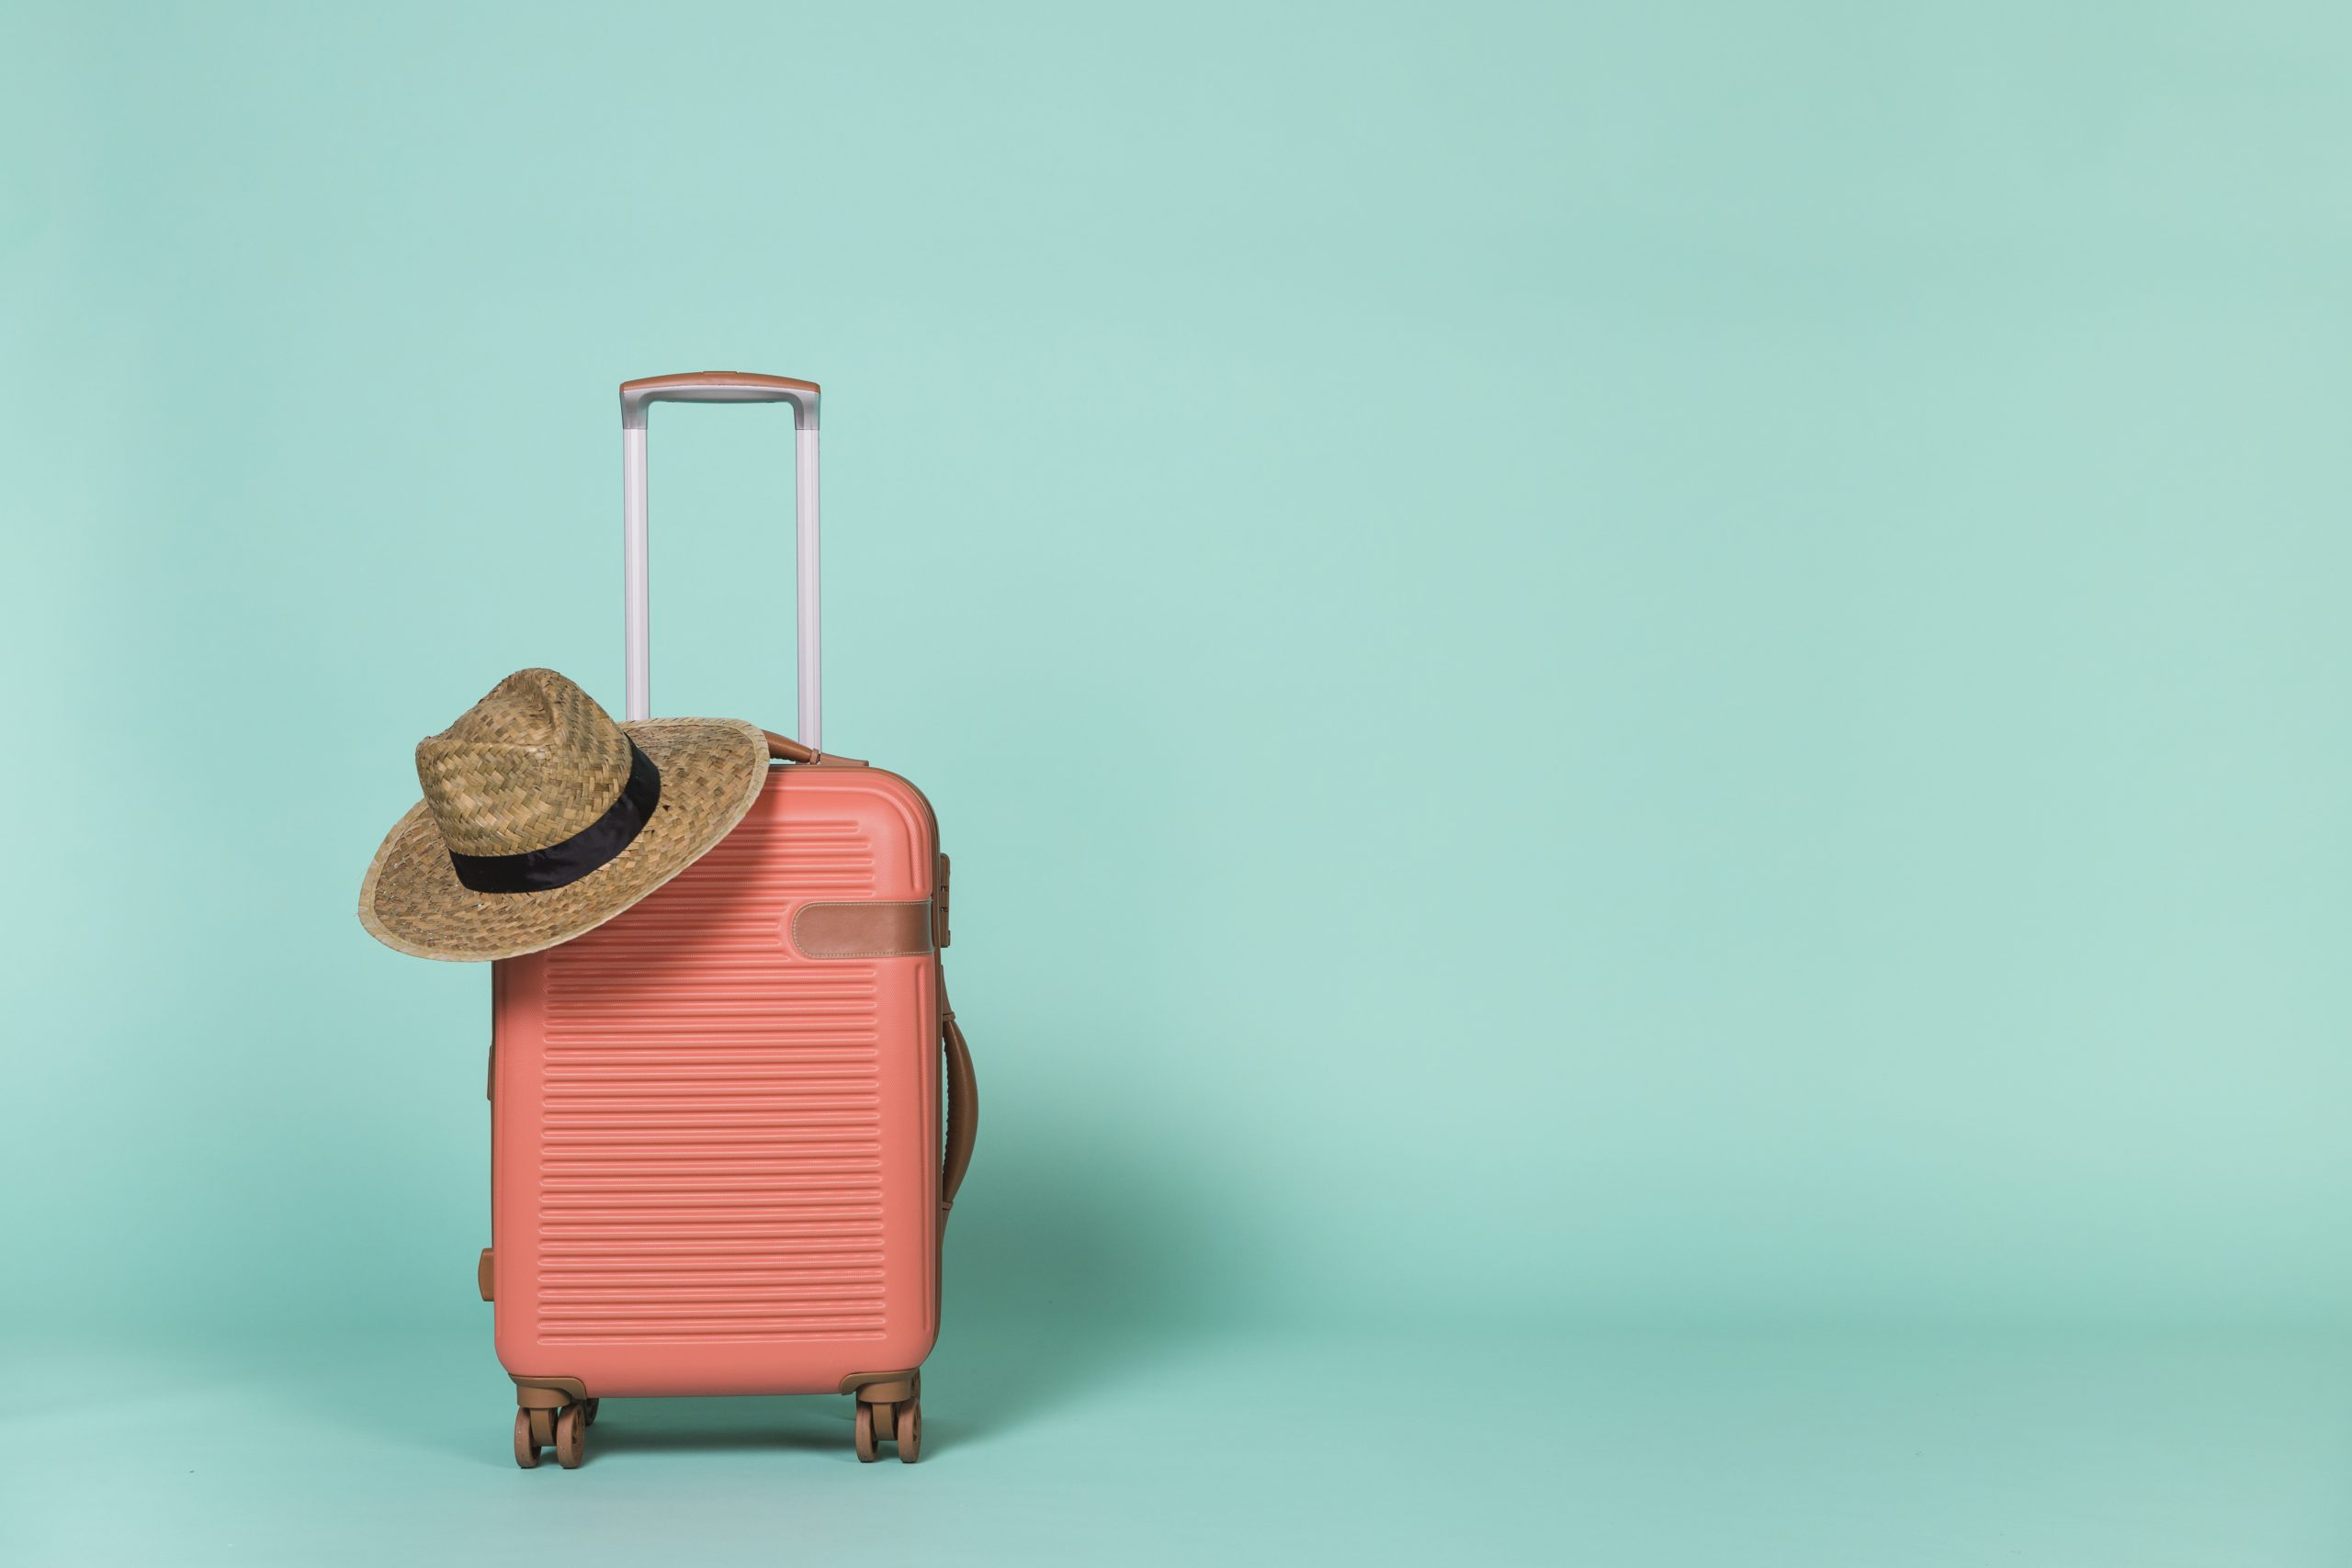 J'ai un lymphœdème et je pars en voyage. Que dois je mettre dans ma valise?(2020)